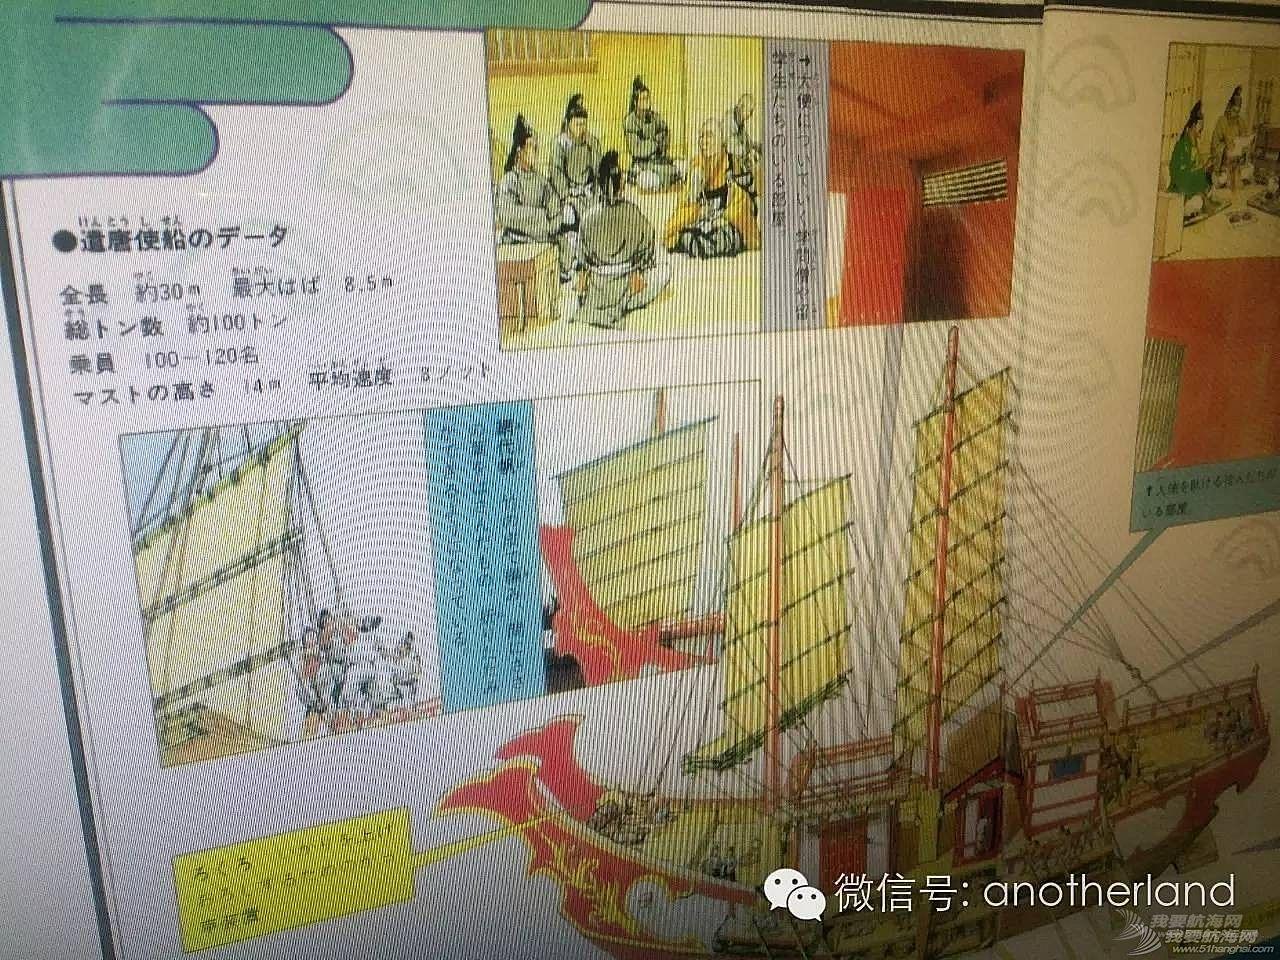 中国,帆船,计划,而且,规模 家园计划:造一艘帆船与全球学者航行|《登陆》谈话录第1章第4节|6月10日|